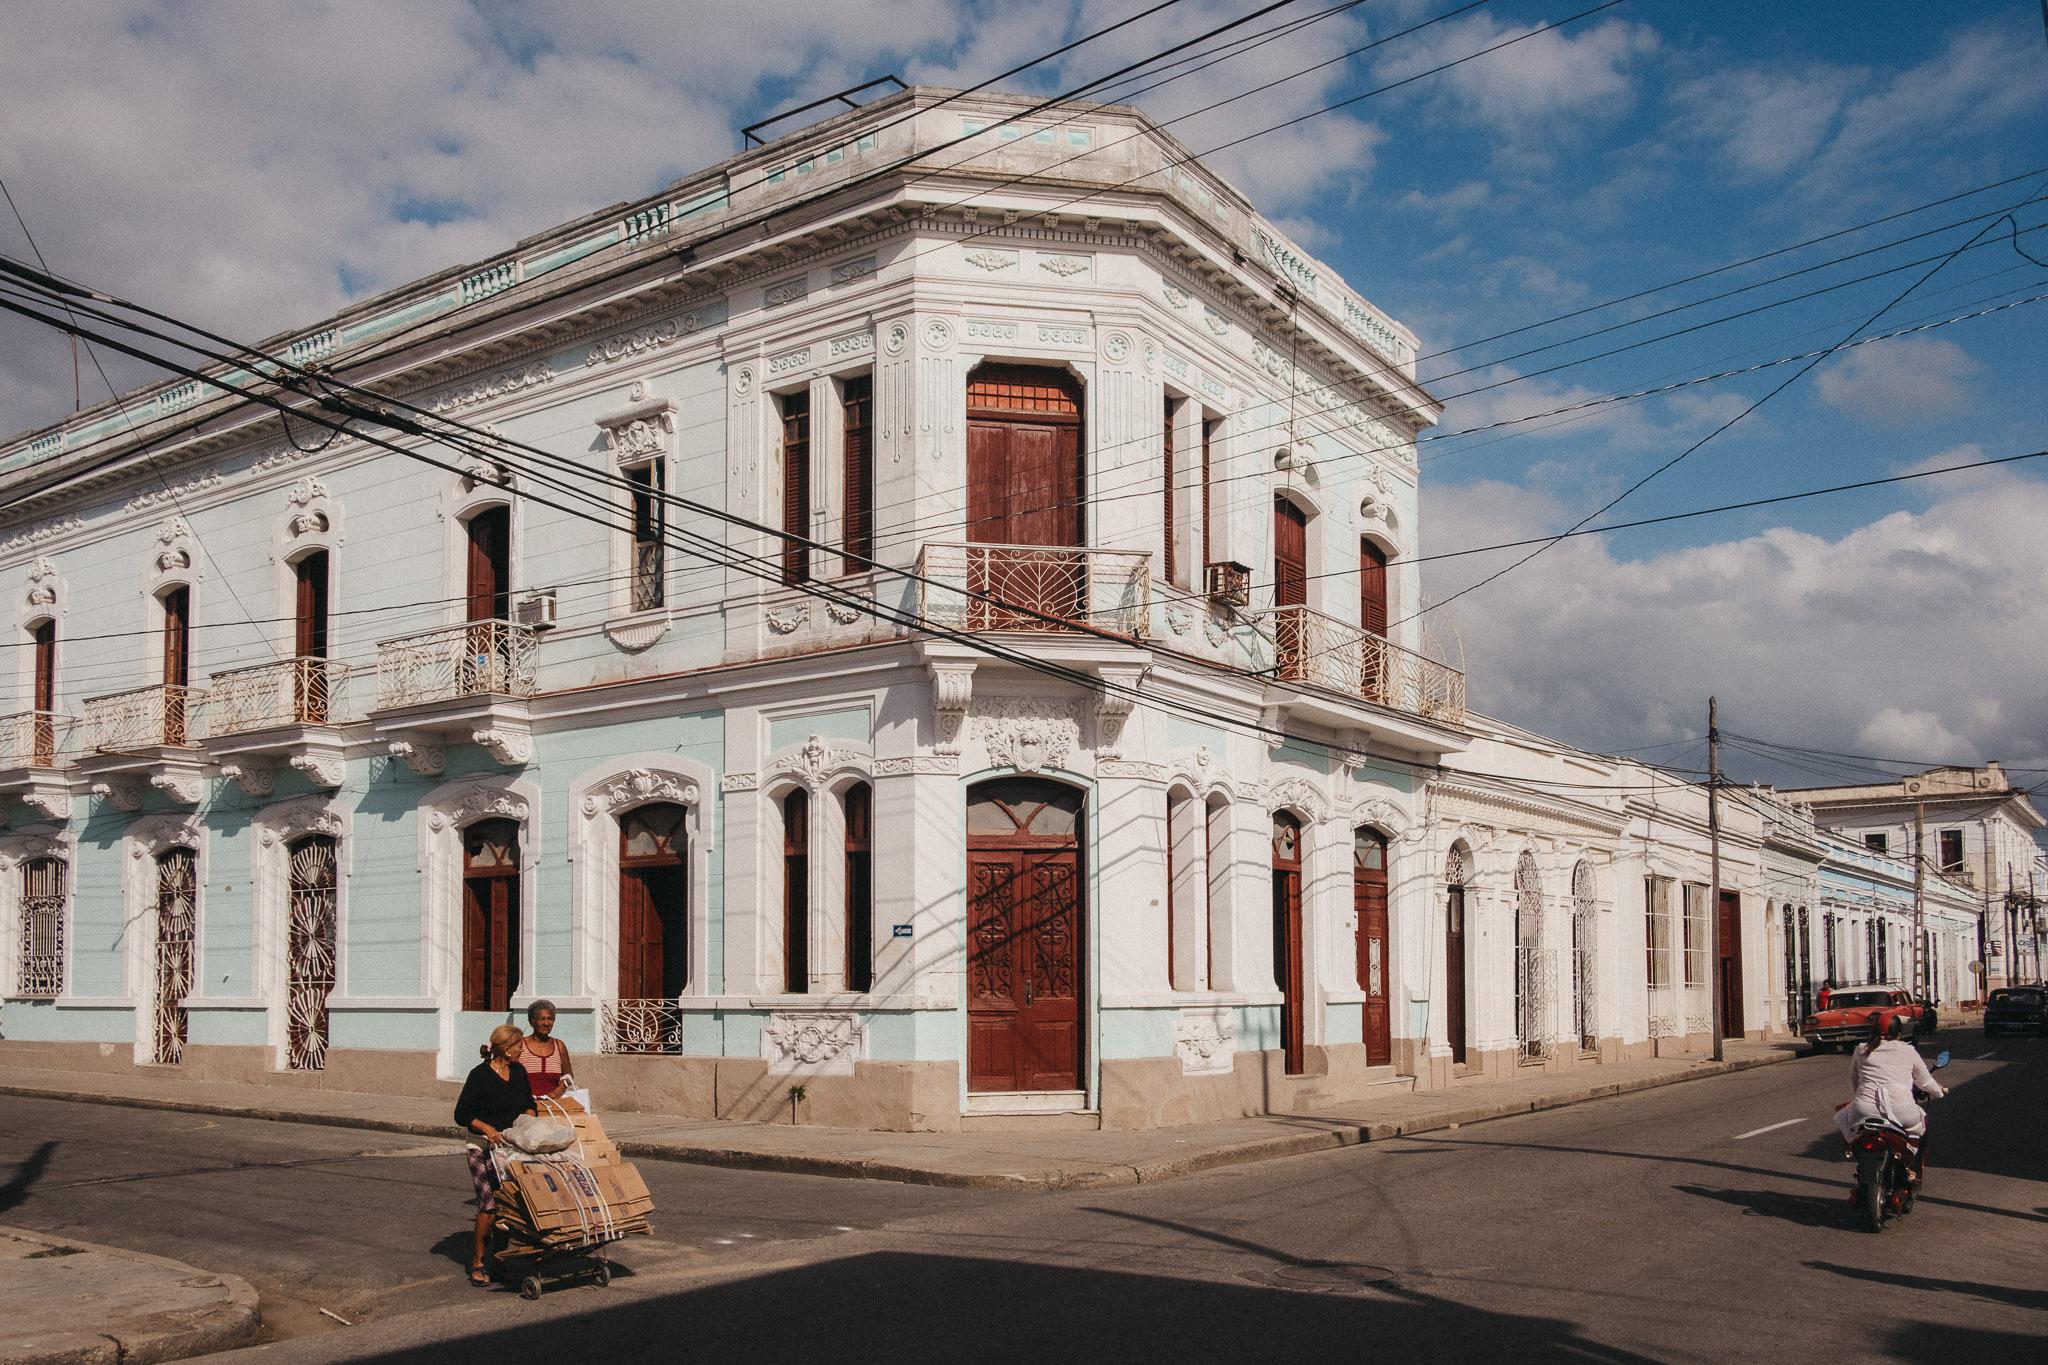 Cuba-2017-12-Cienfuegos-0070.jpg